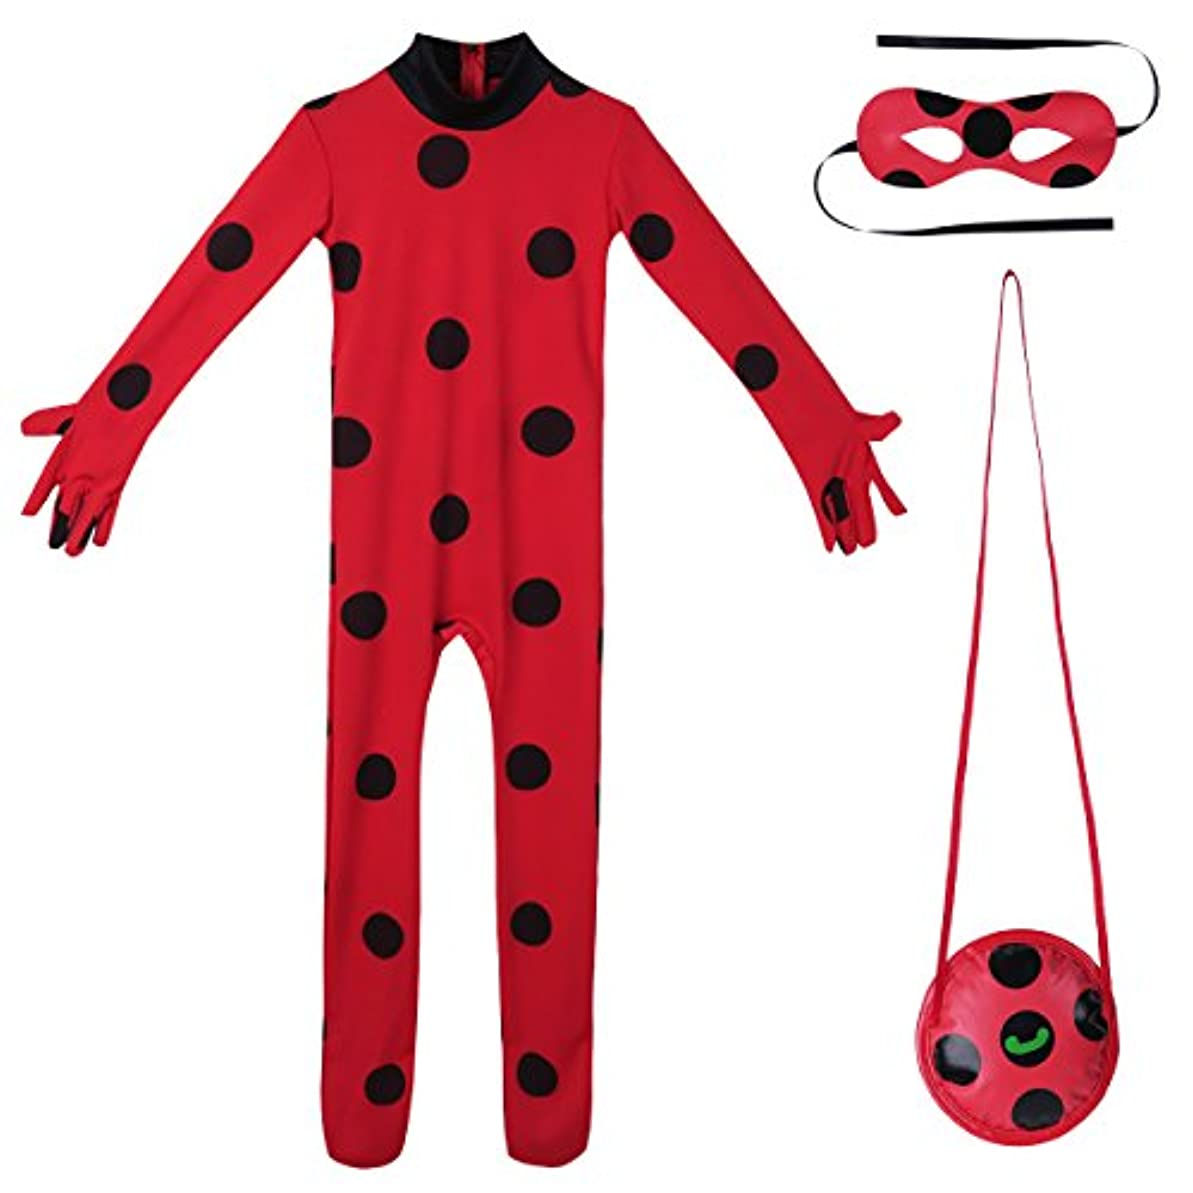 気になる言い聞かせる求める(フィーショー) FEESHOW てんとう虫 少女 子供 ハロウィン コスプレ コスチューム 衣装 ディズニー プリンセス 全身タイツ アイマスク バッグ 可愛い セット レッド M